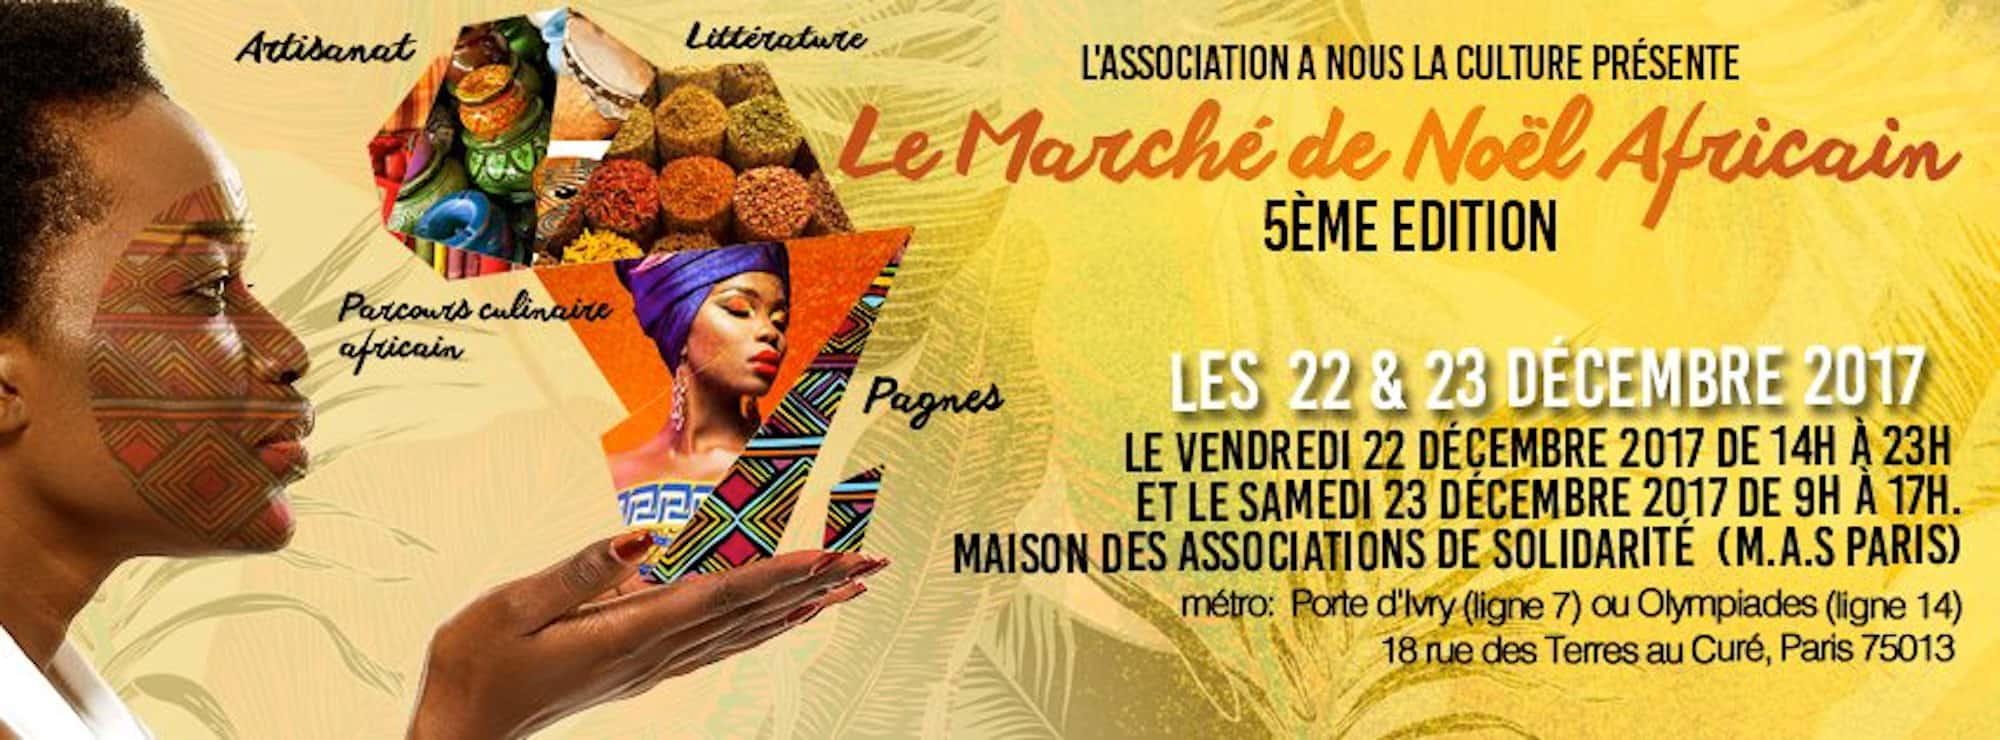 HIP Paris Blog Le marche de Noel Africain facebook